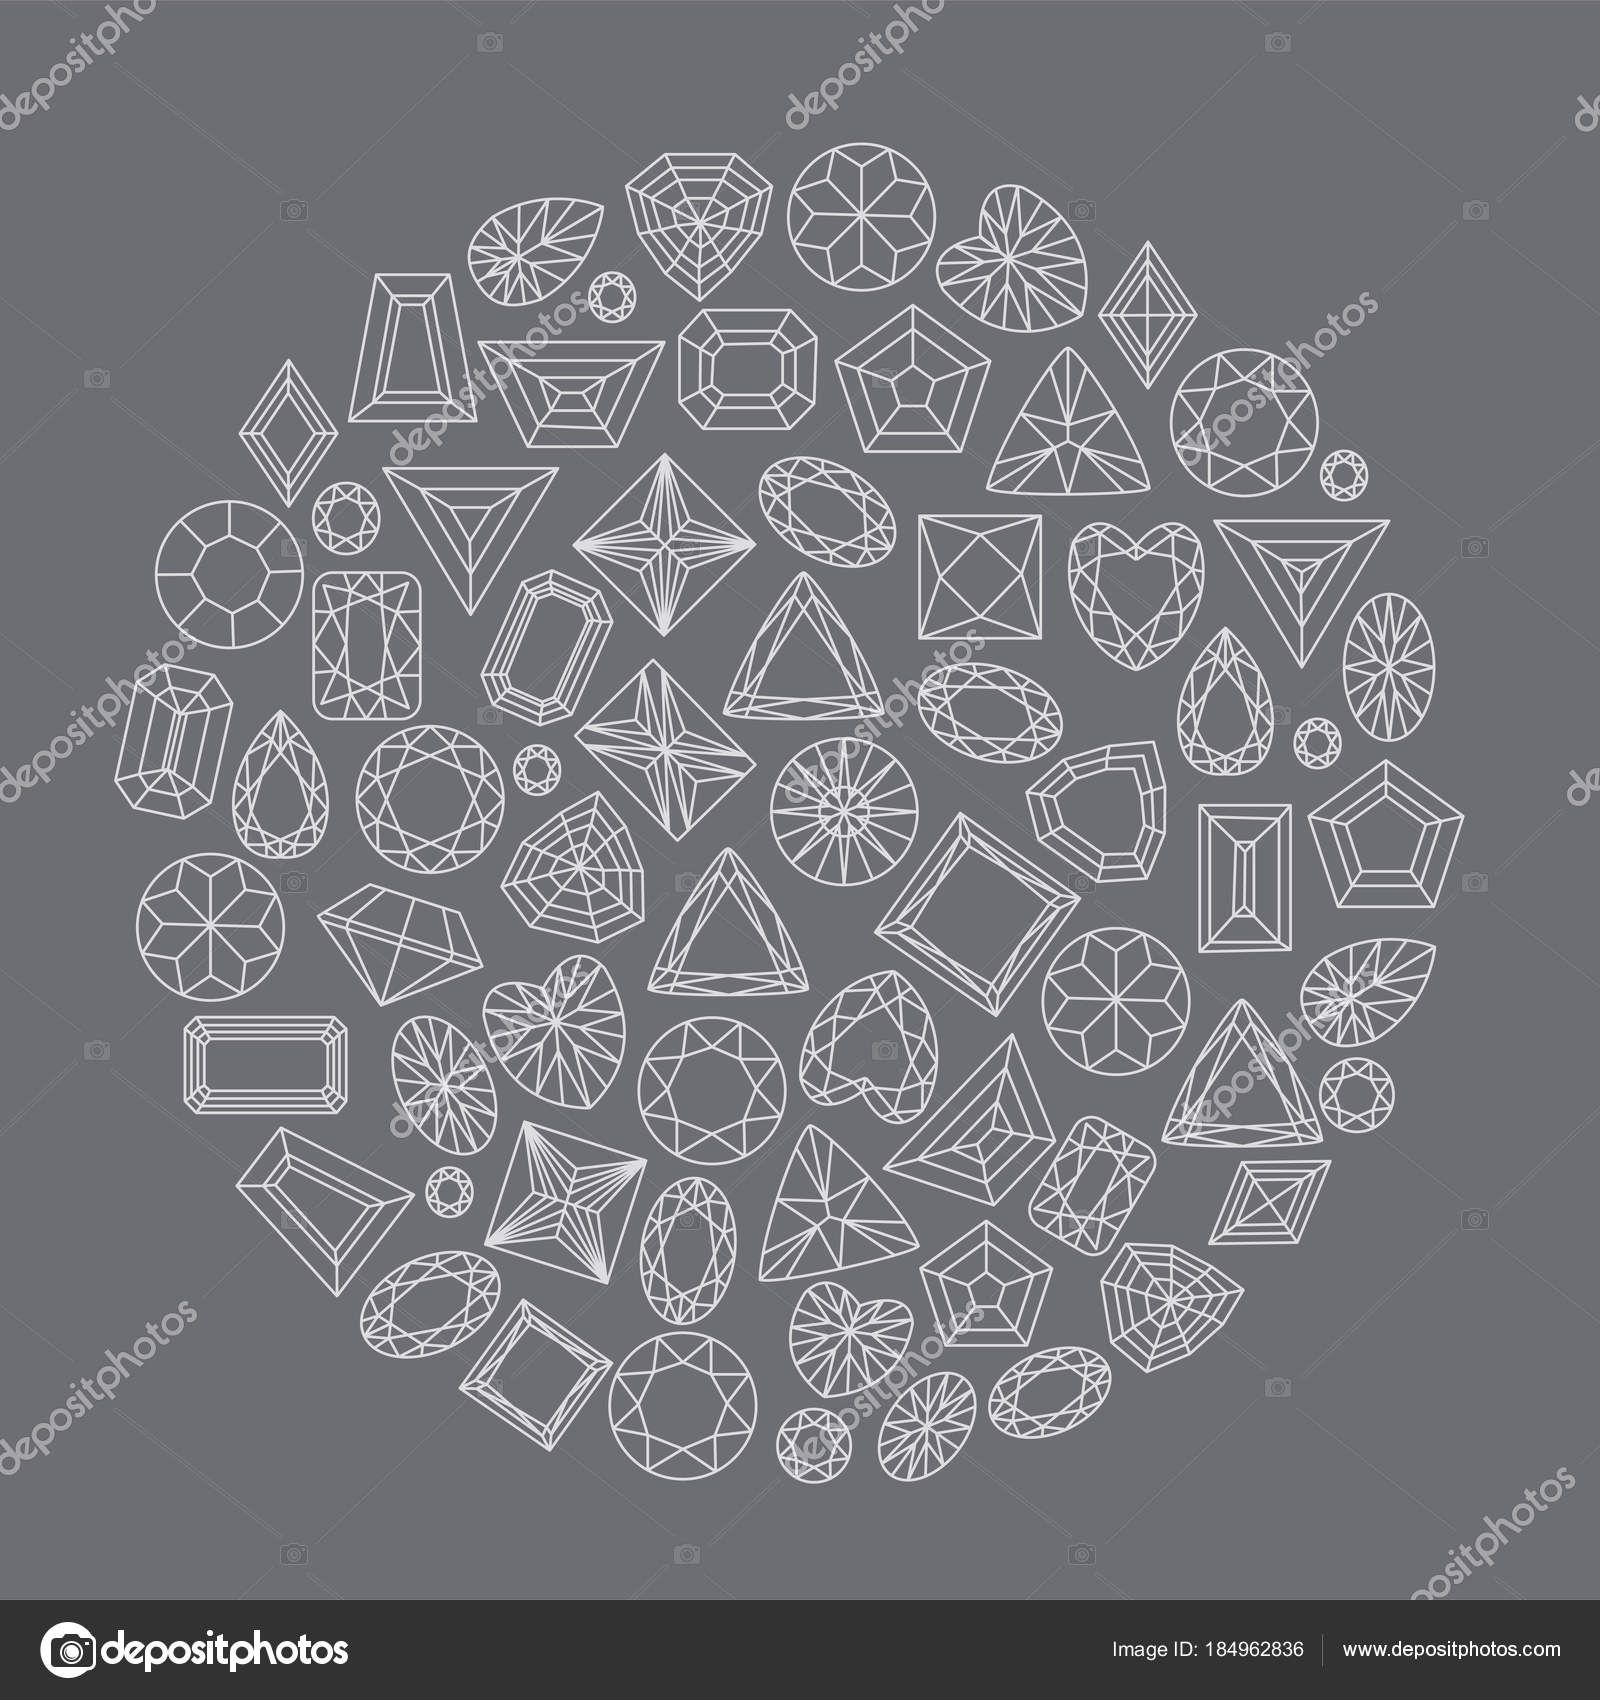 Kesme elmasları - taşlarla çalışan eski sanat